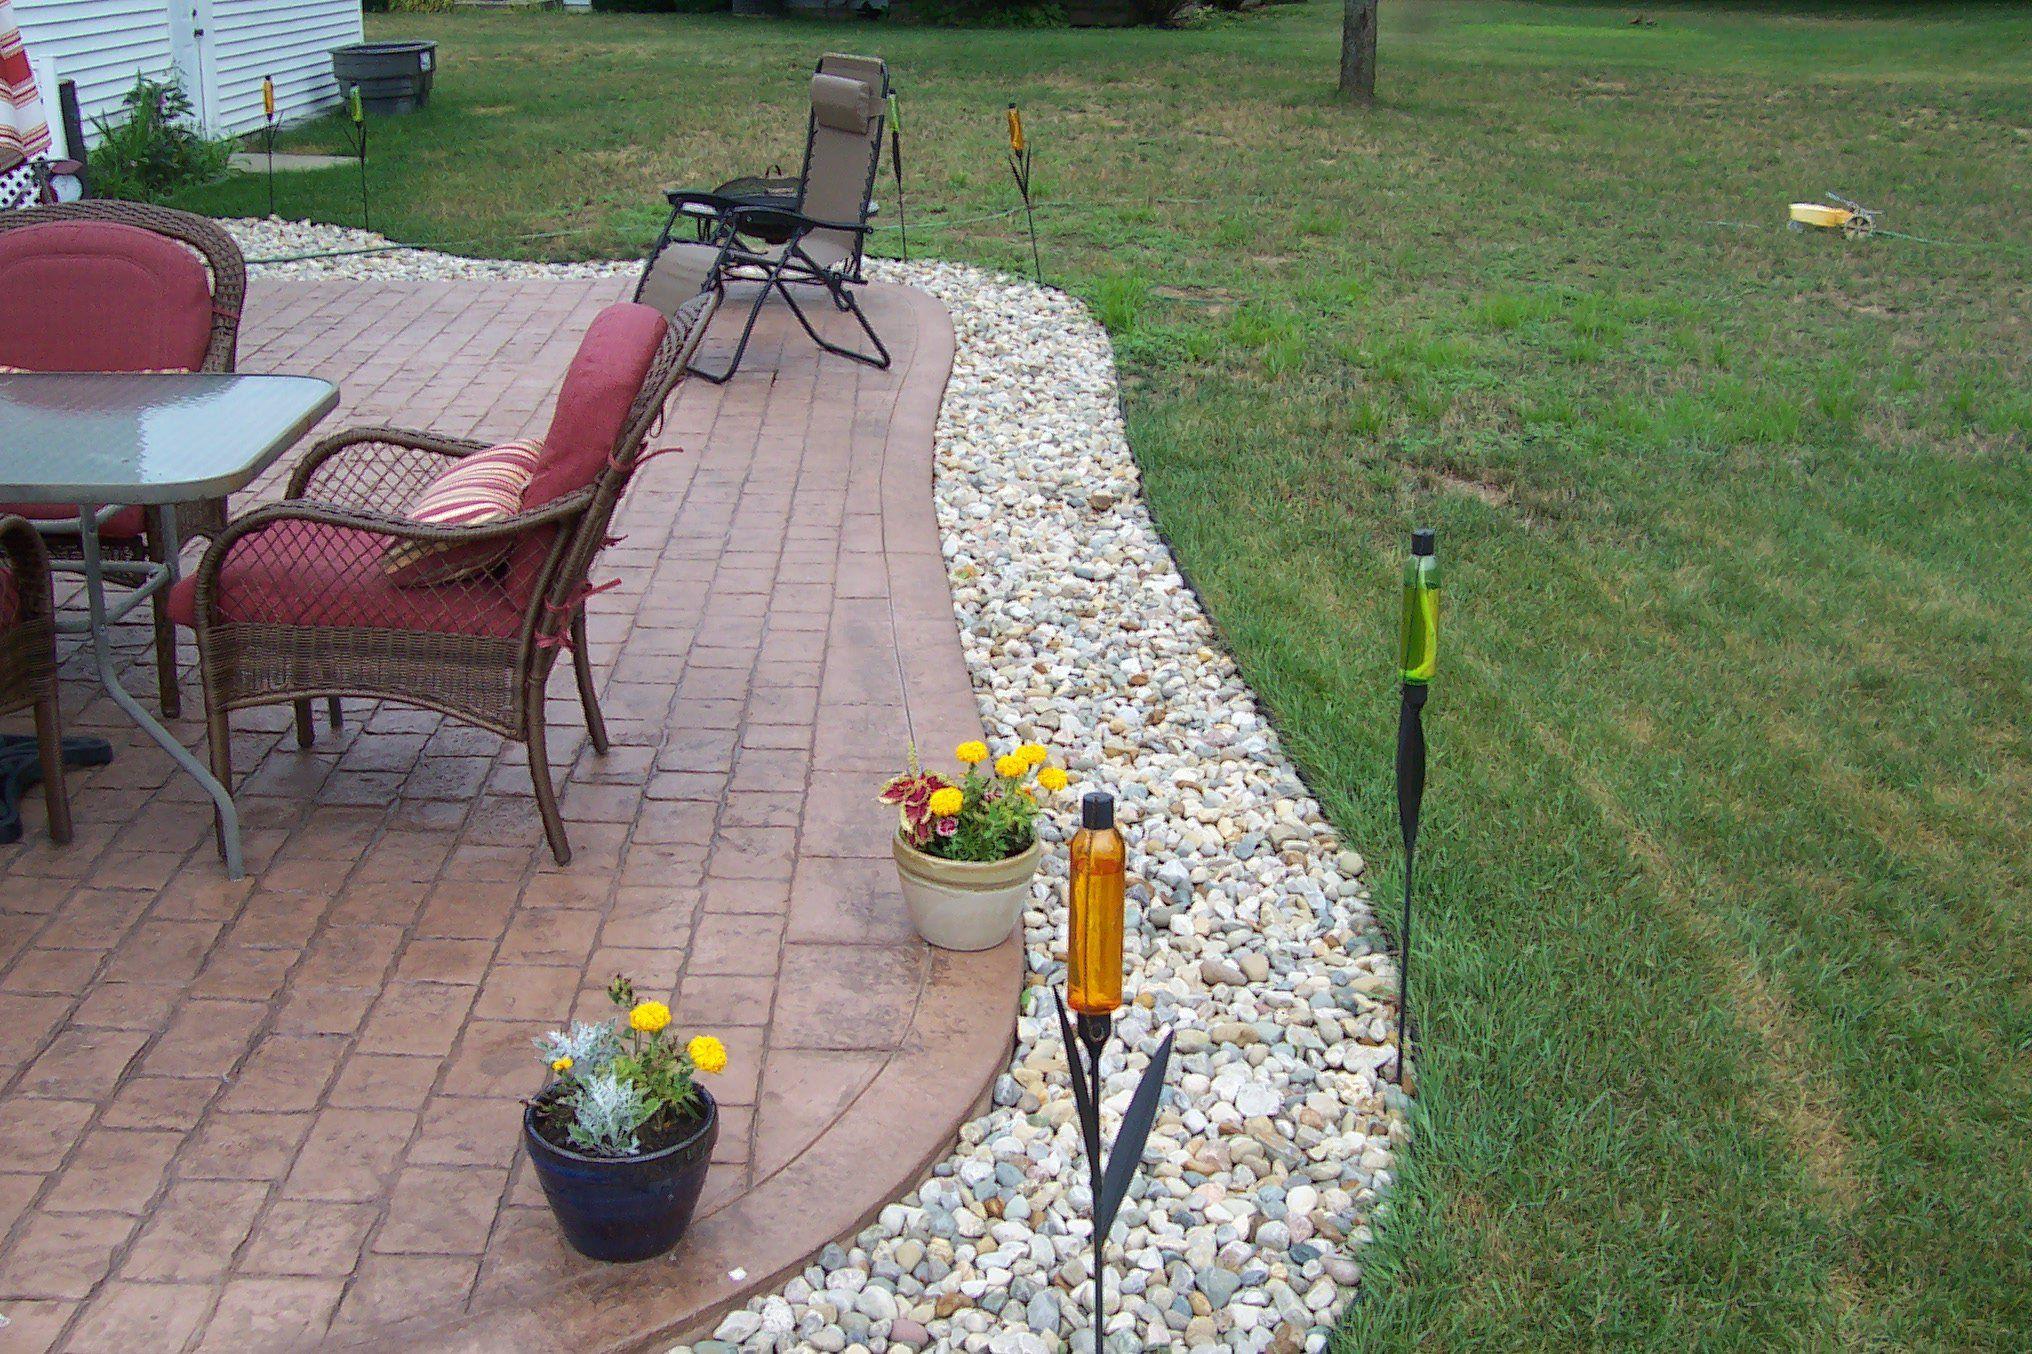 cobblestone patio with 6